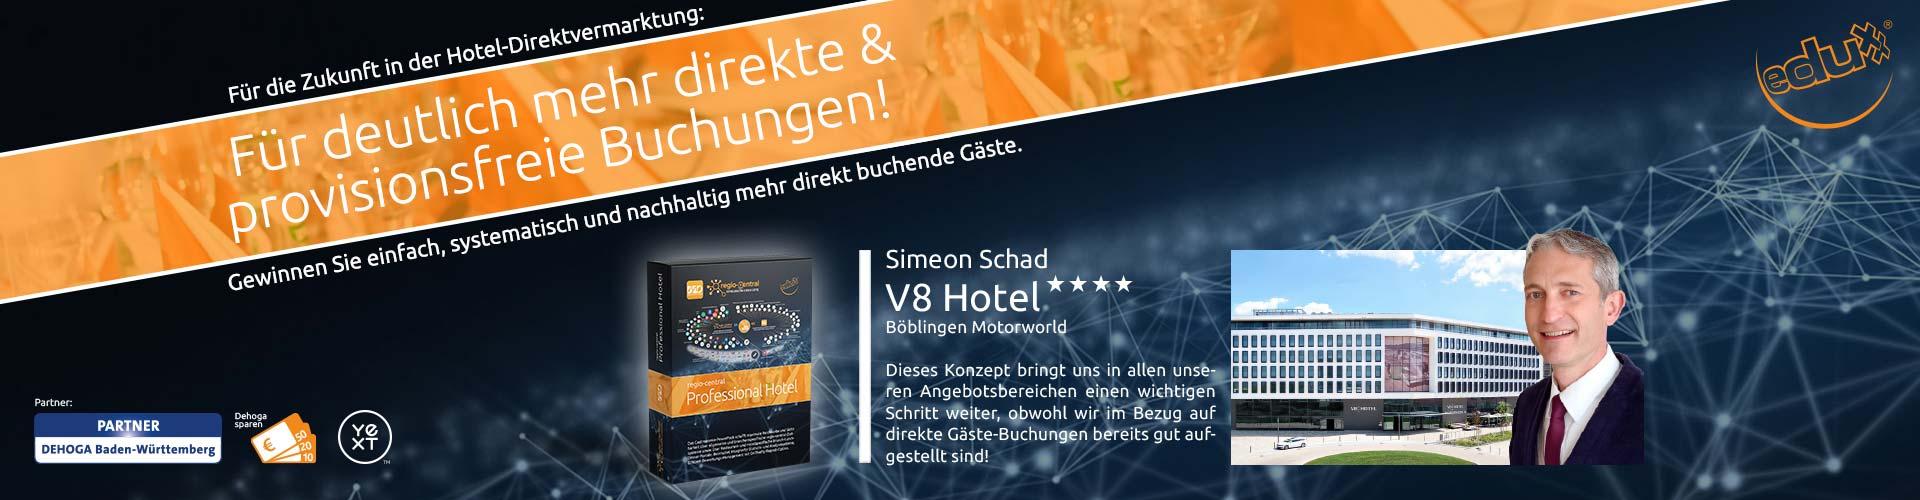 Hotel-Direktmarketing: Direkt-Buchungen provisionsfrei durch organisches Online-Marketing